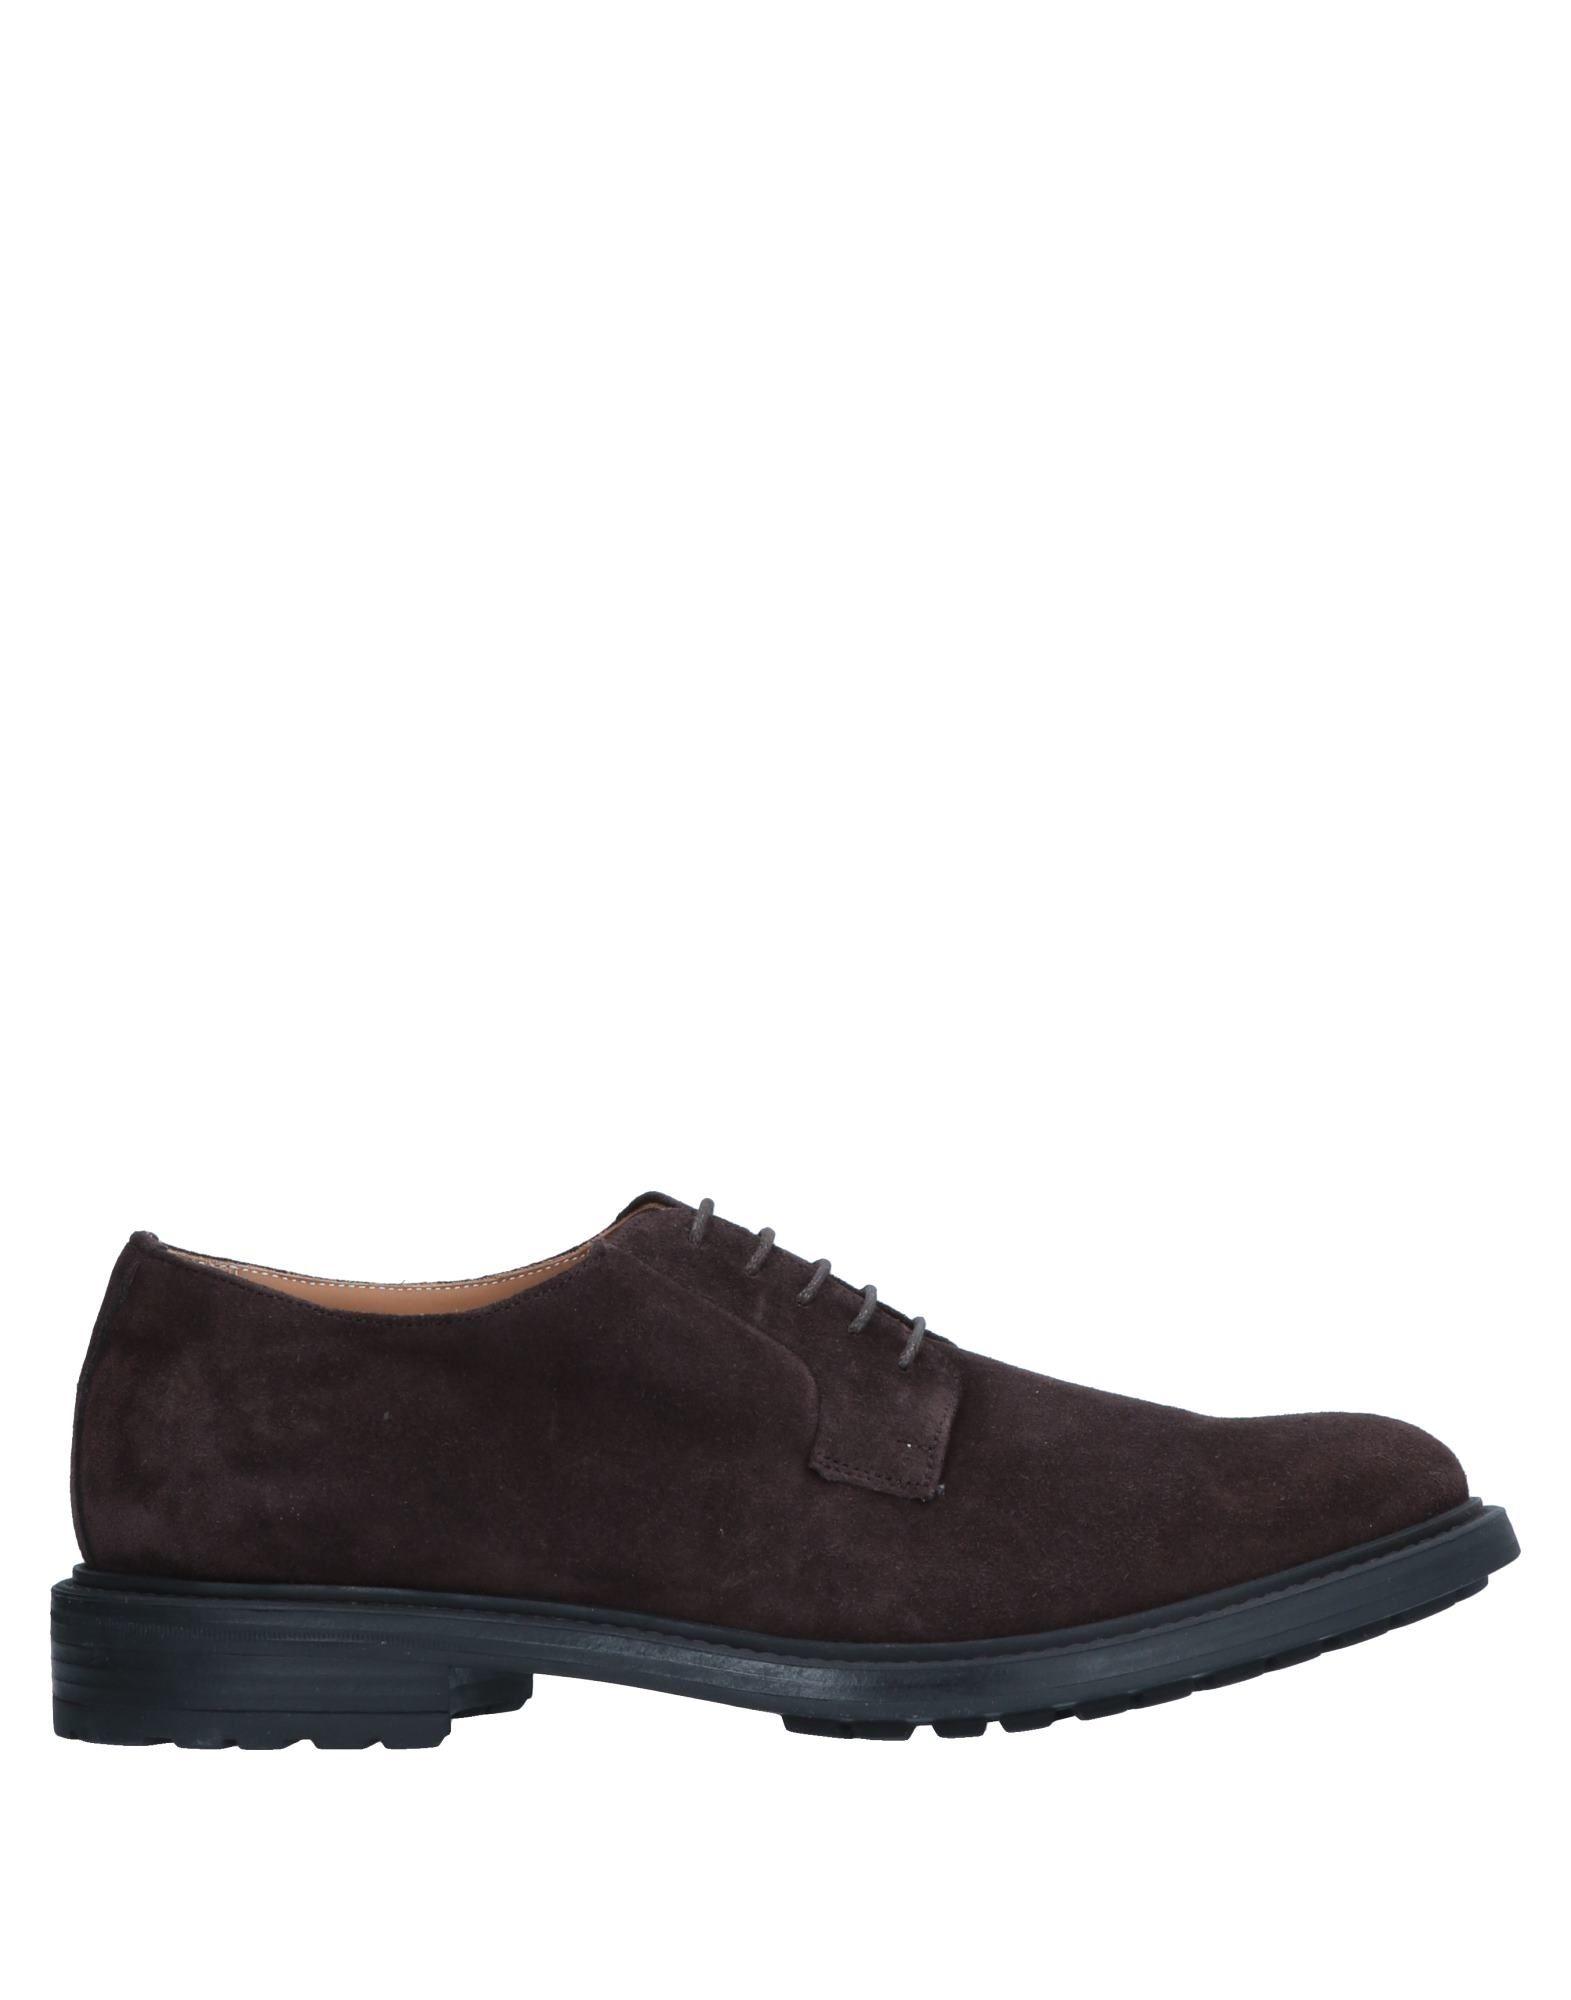 Devon Schnürschuhe Herren  11550971XL Gute Qualität beliebte Schuhe